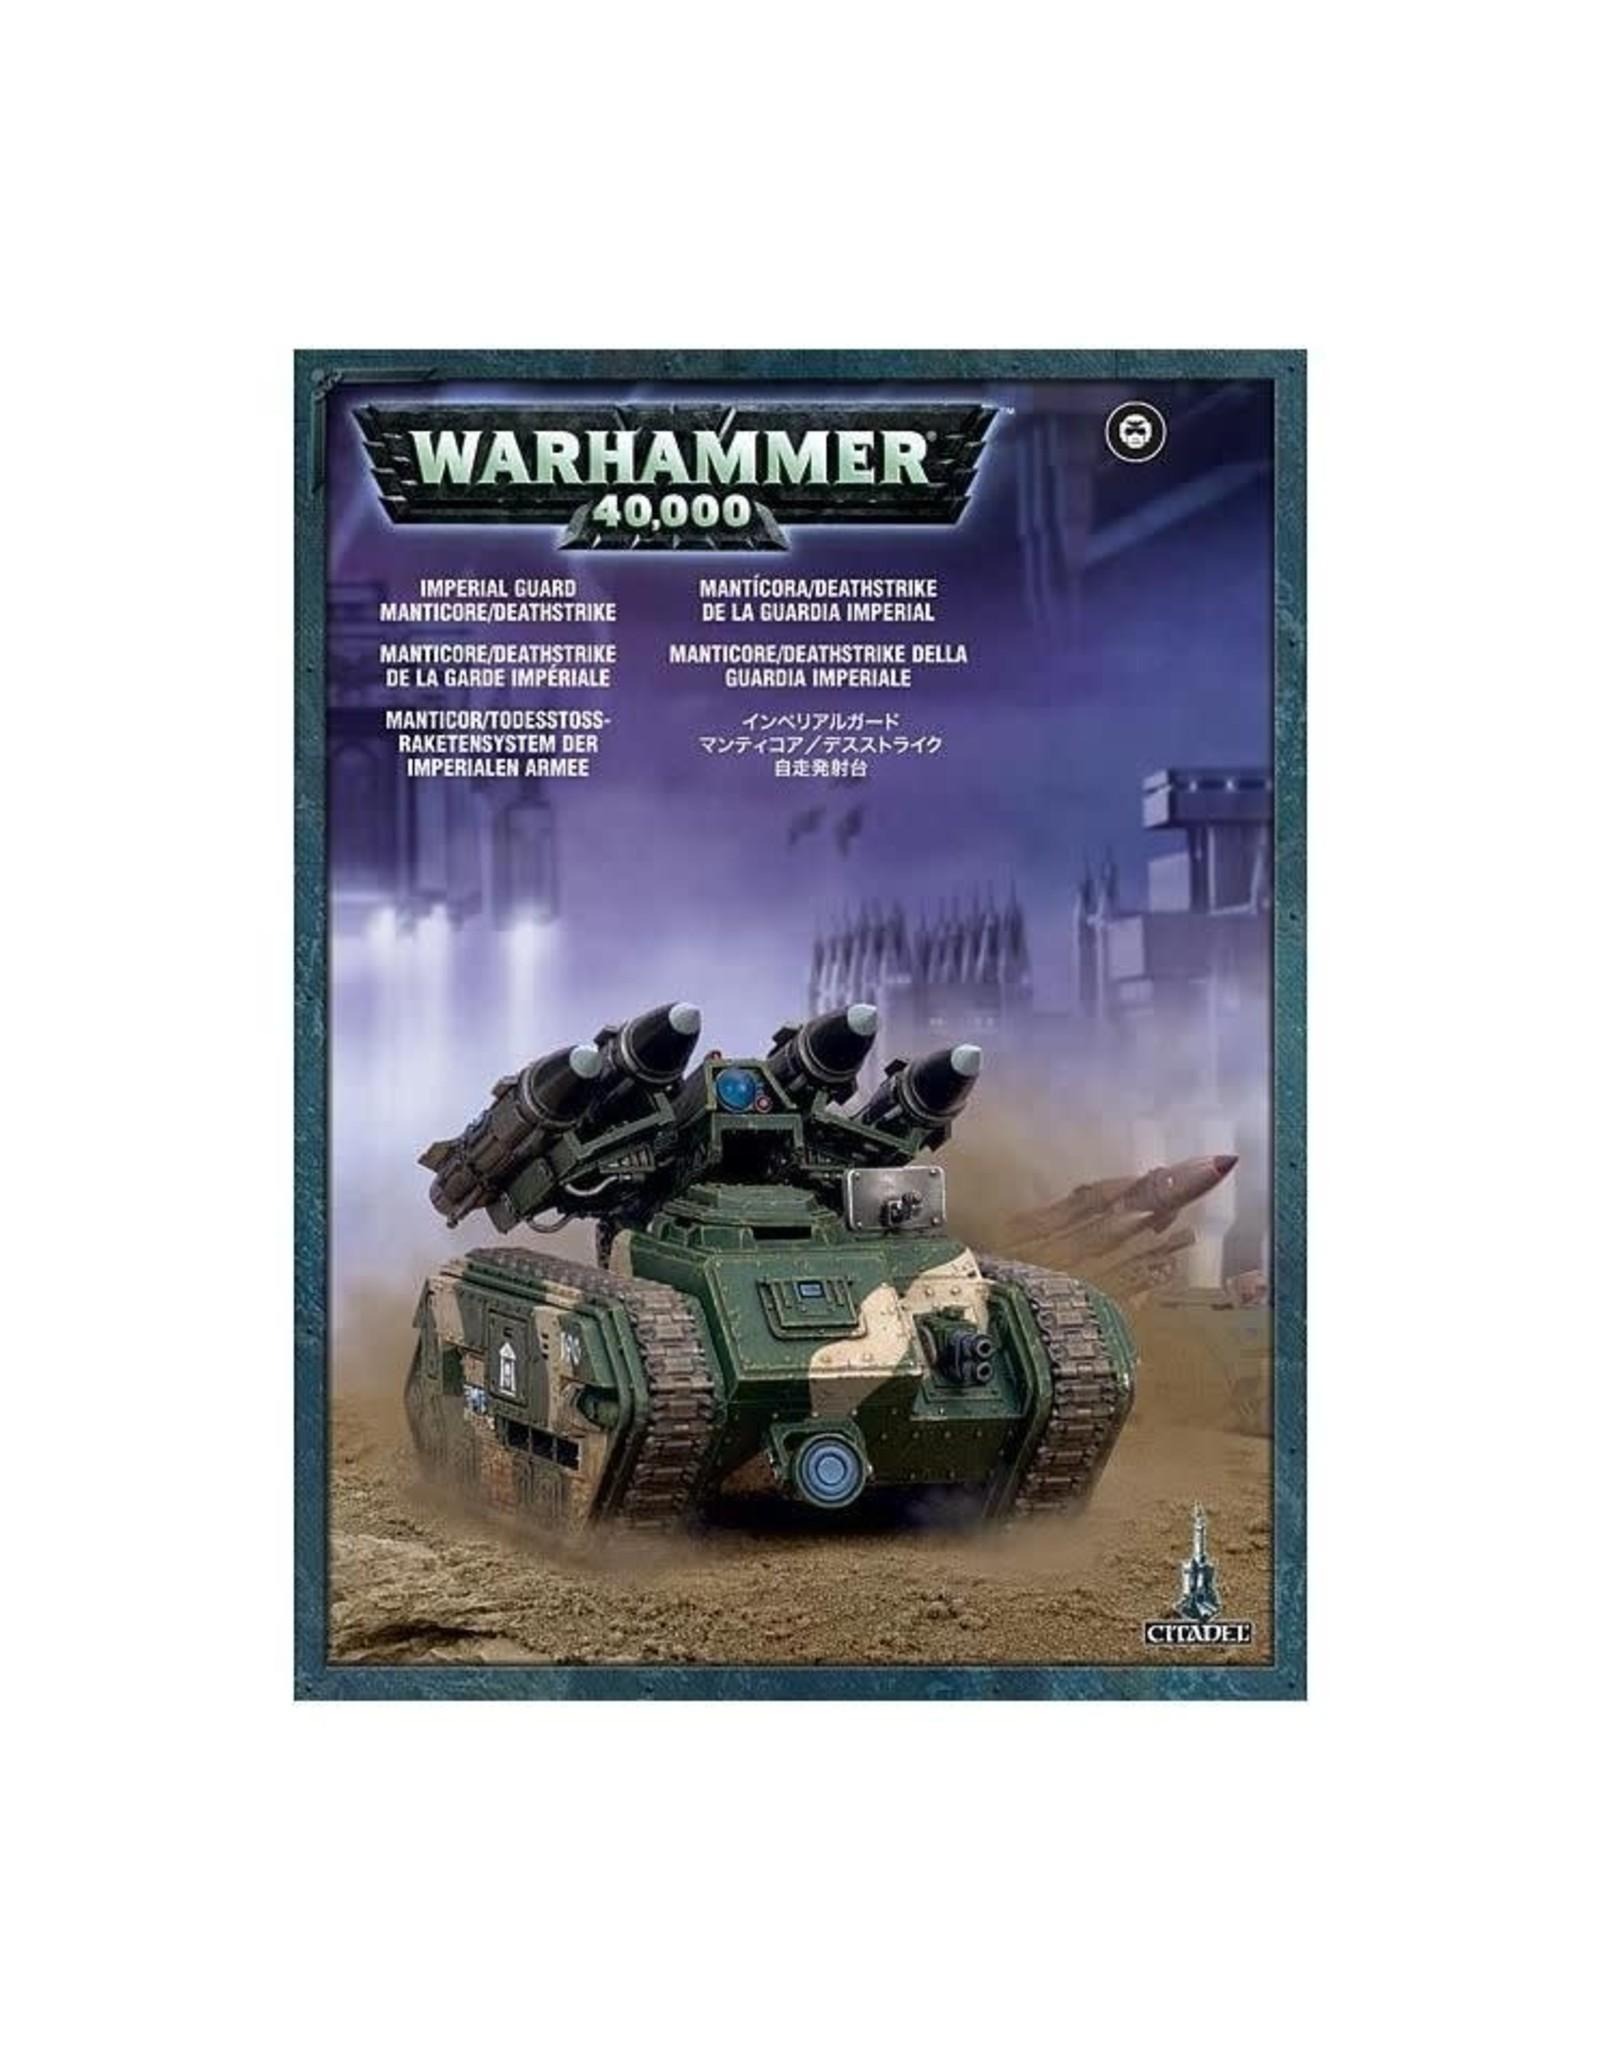 Warhammer 40K Astra Militarum Manticore/Deathstrike